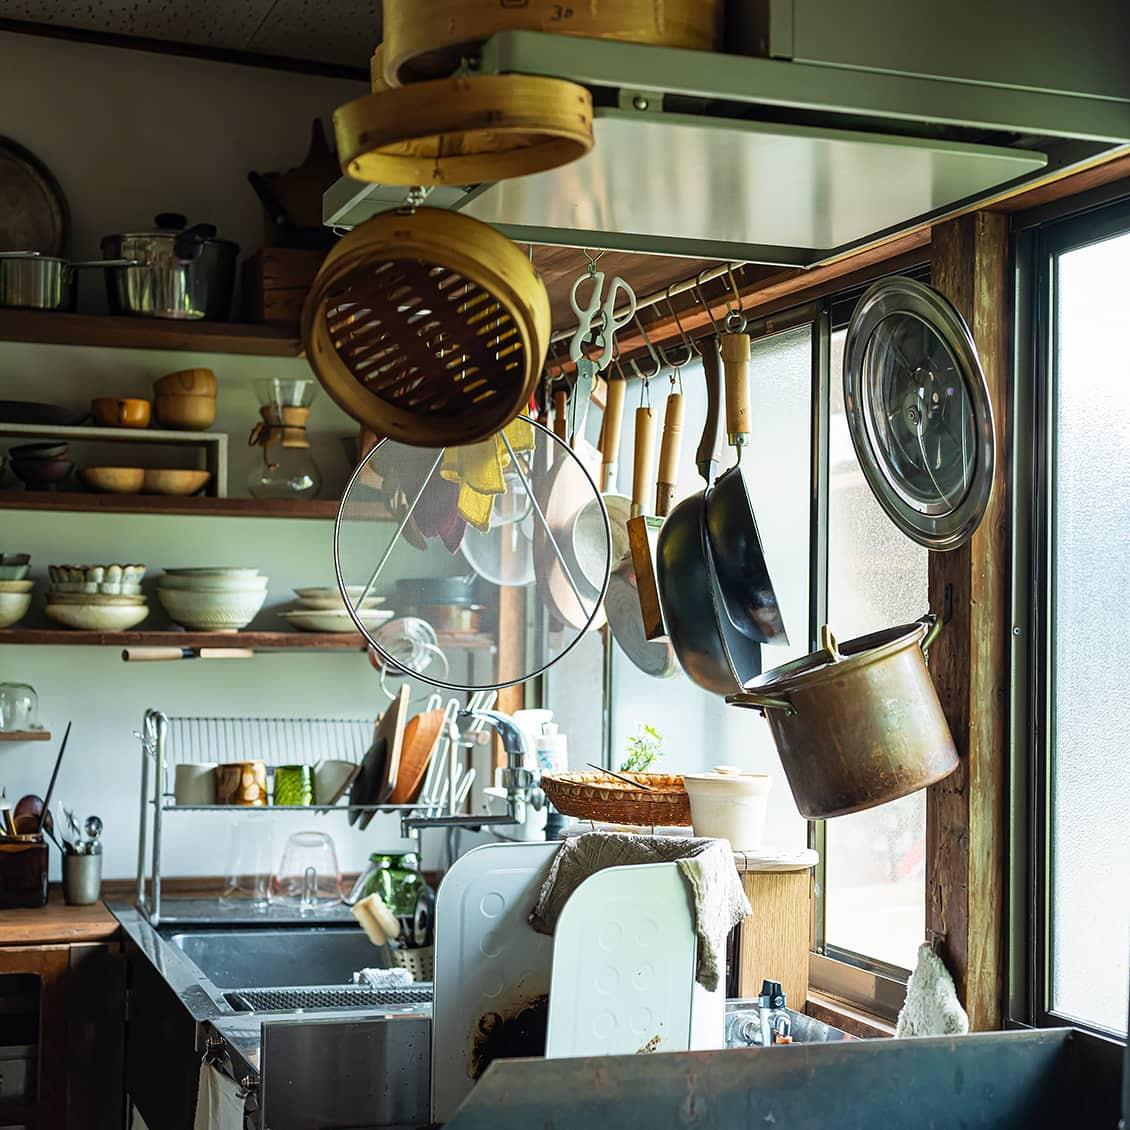 【訪ねたい部屋】第2話:吊り下げるから使いやすい。「リズミカルな暮らし」を教えてくれた、土間のある台所